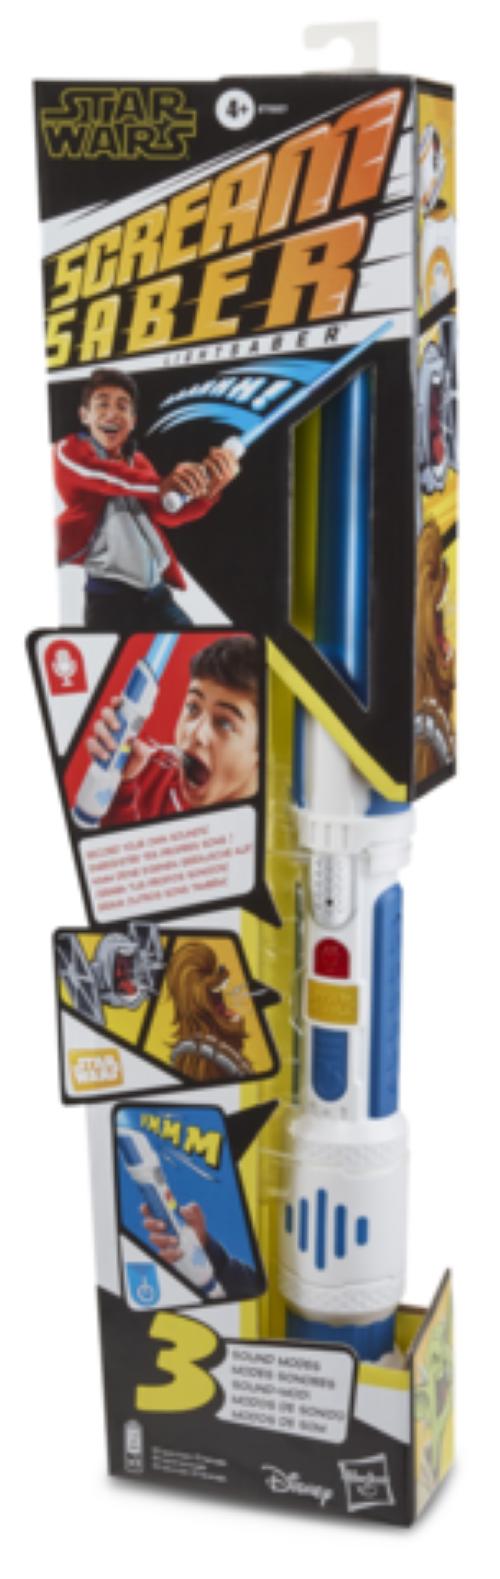 Star Wars: Scream Saber - Lightsaber Roleplay Toy image